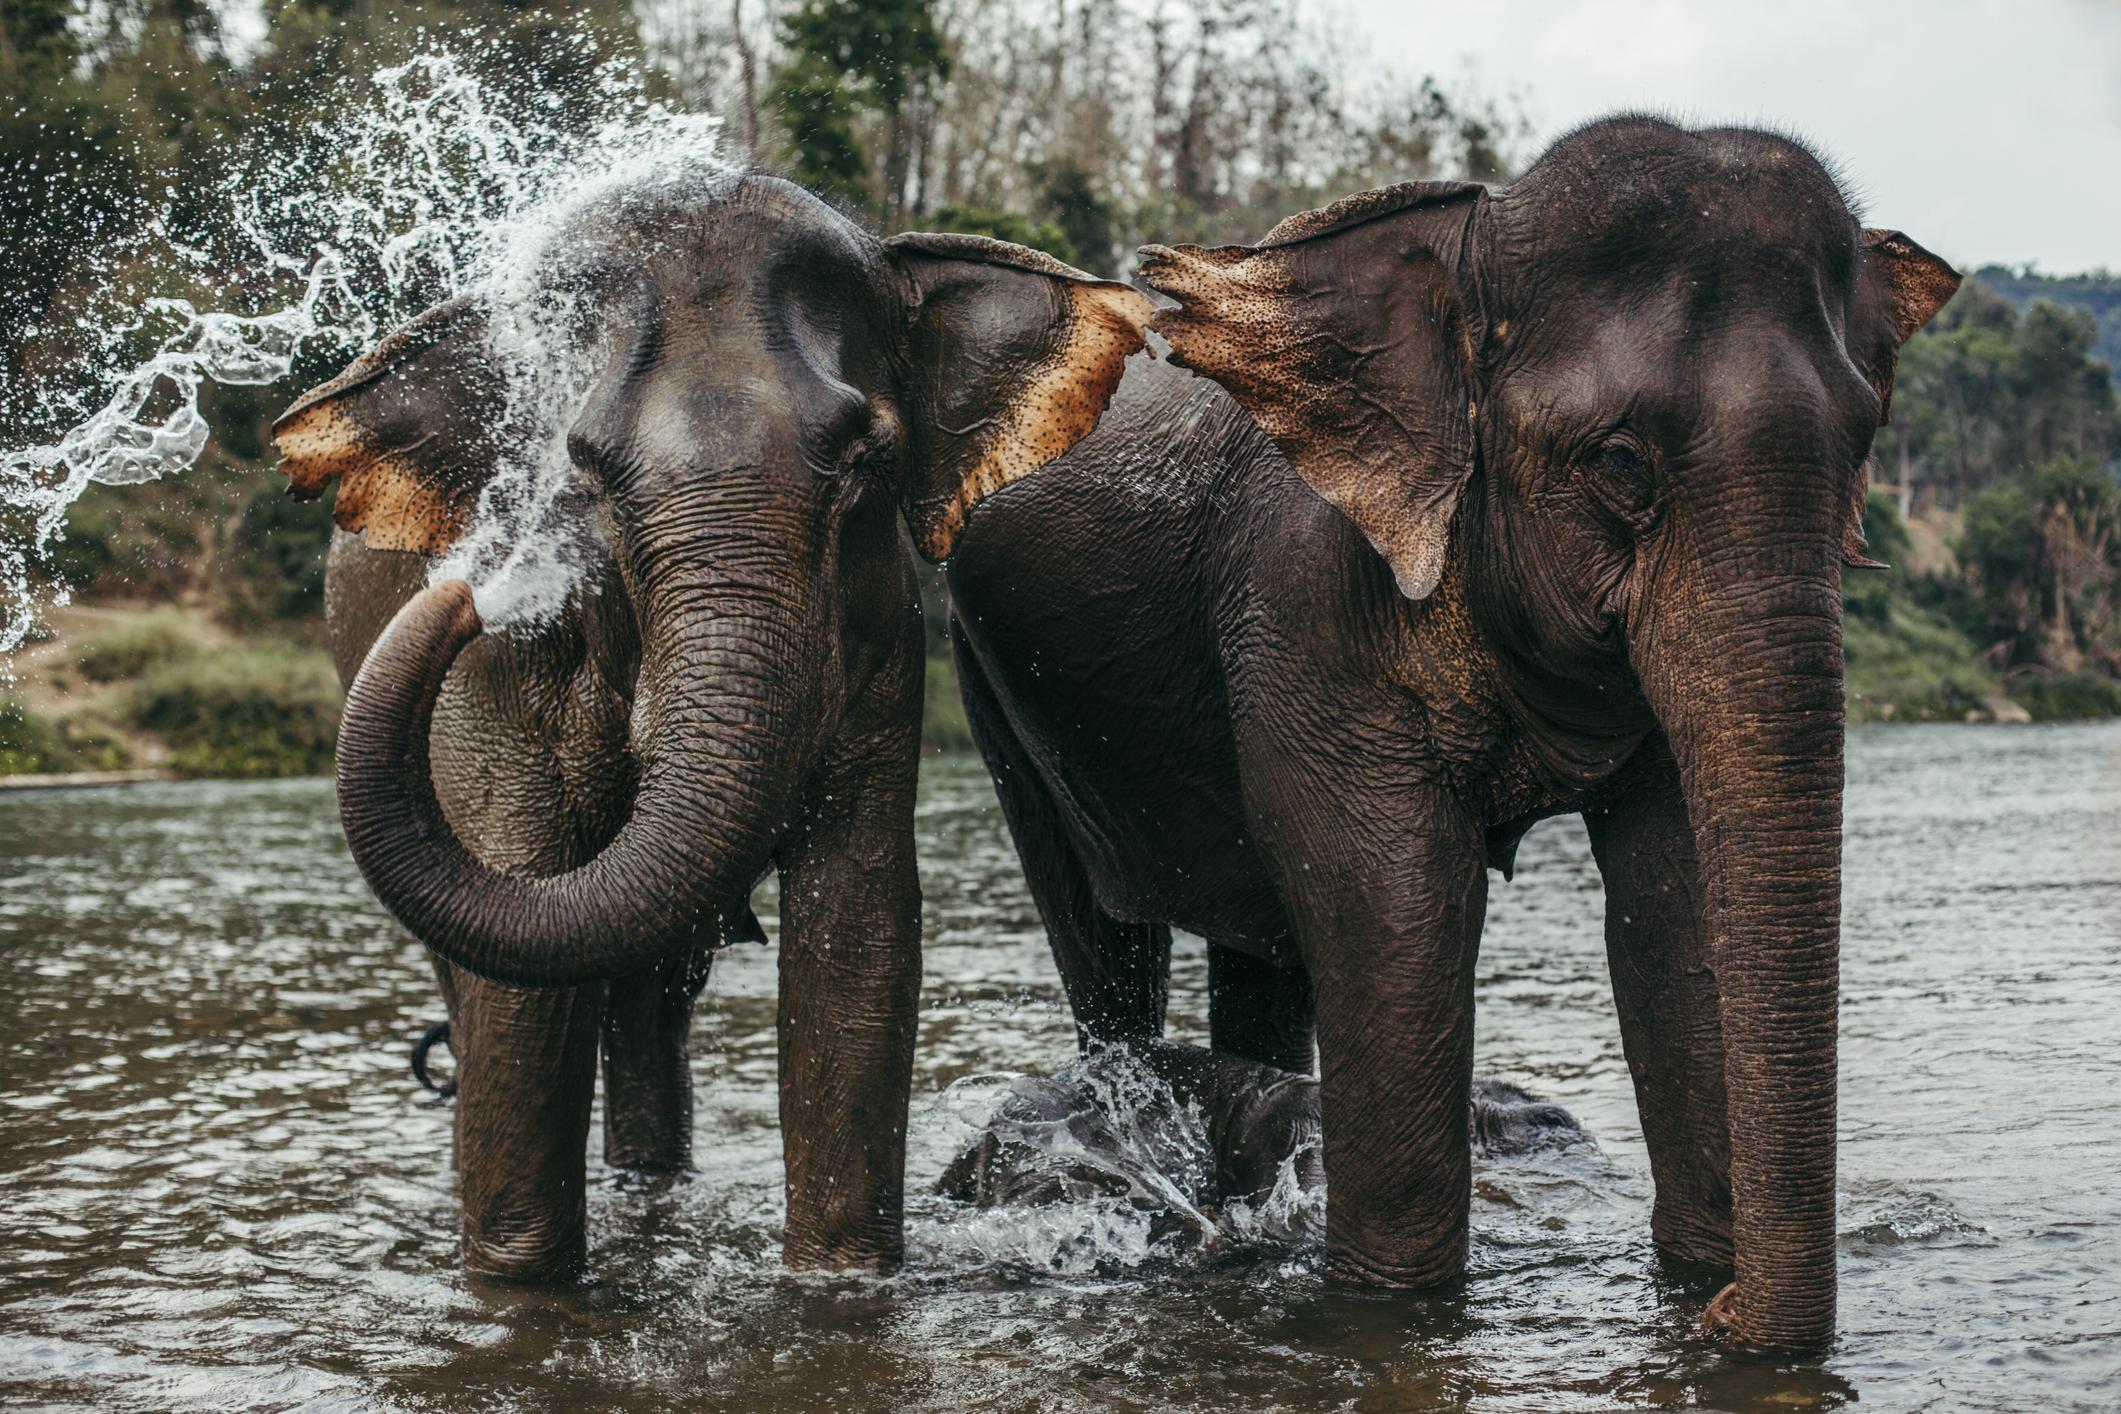 <p>През 2018 г. жители&nbsp;на град в щата Ню Йорк забелязват как слон се разхожда по улиците. Медиите тогава съобщават, че слонът&nbsp;е избягал&nbsp;от резерват за диви животни, а след залавянето му, властие го връщат обратно в резервата.&nbsp;</p>